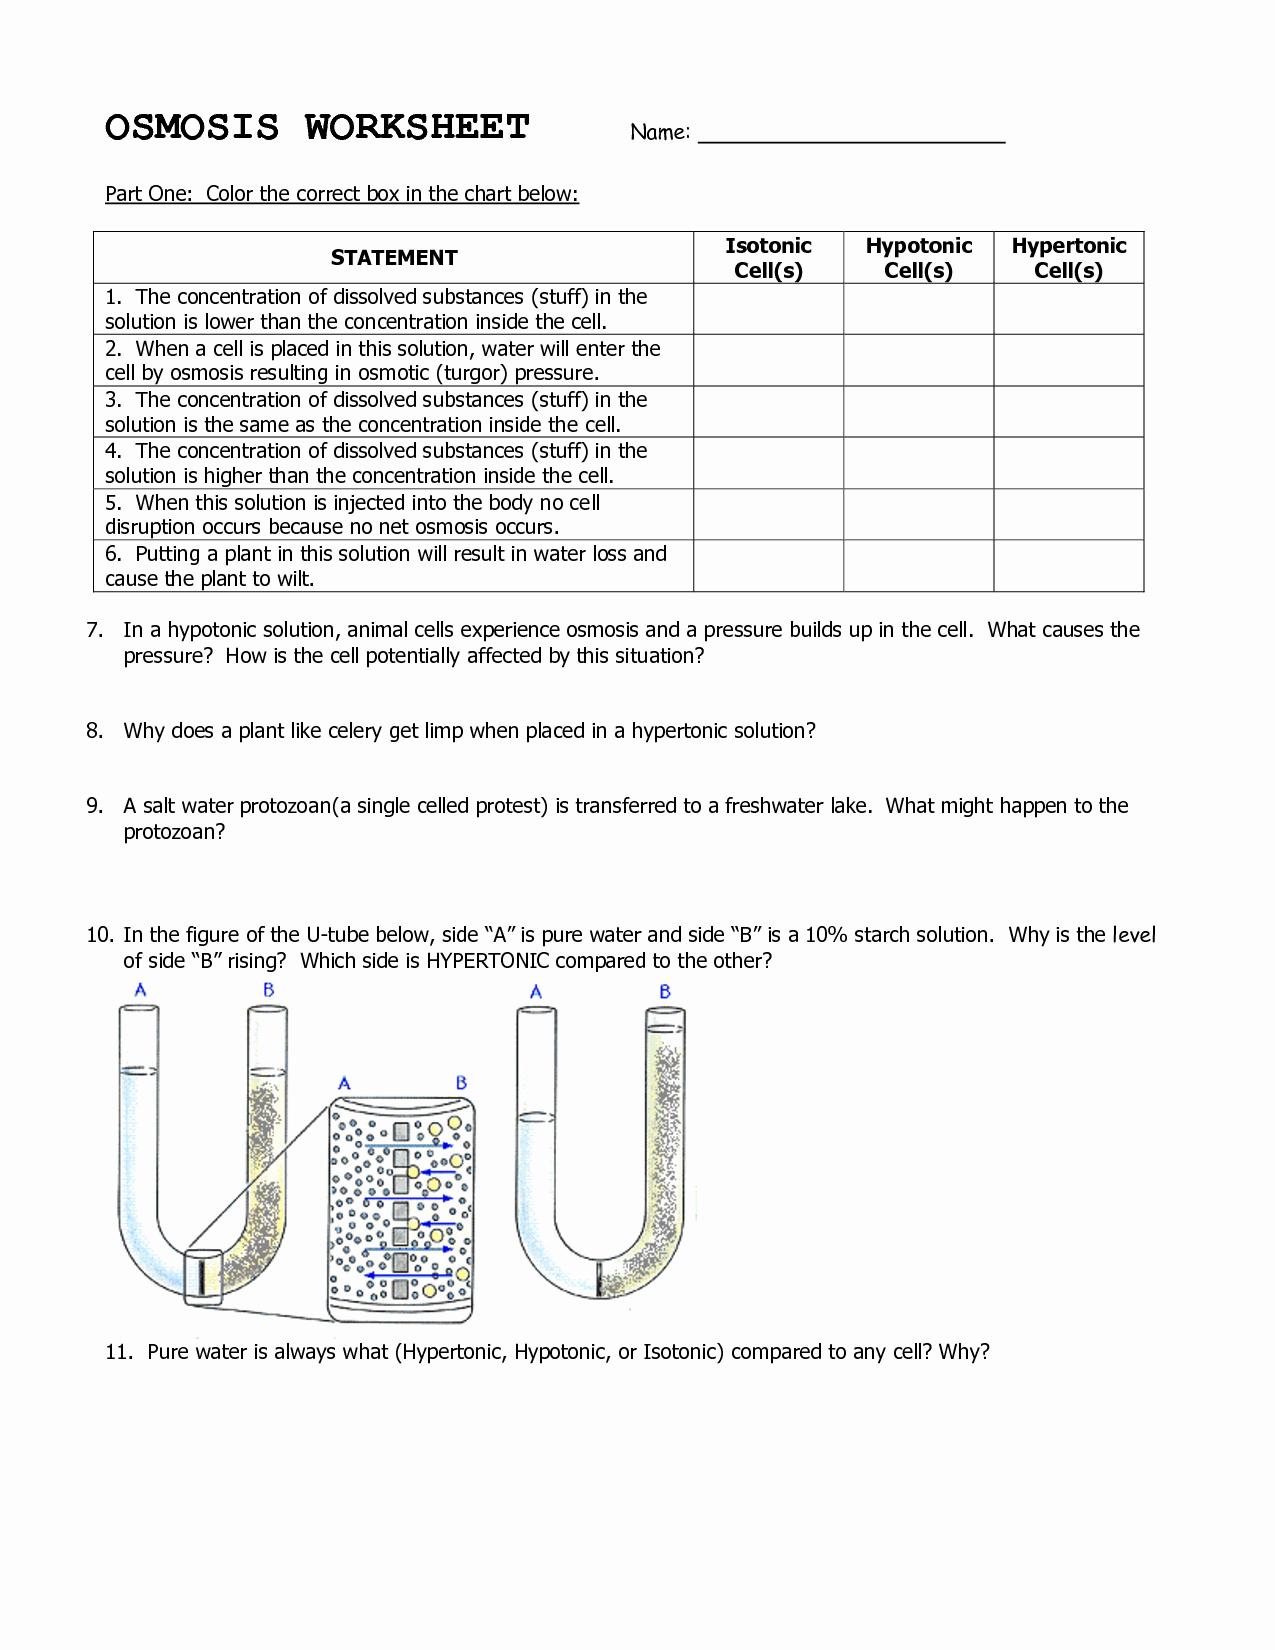 50 Diffusion And Osmosis Worksheet